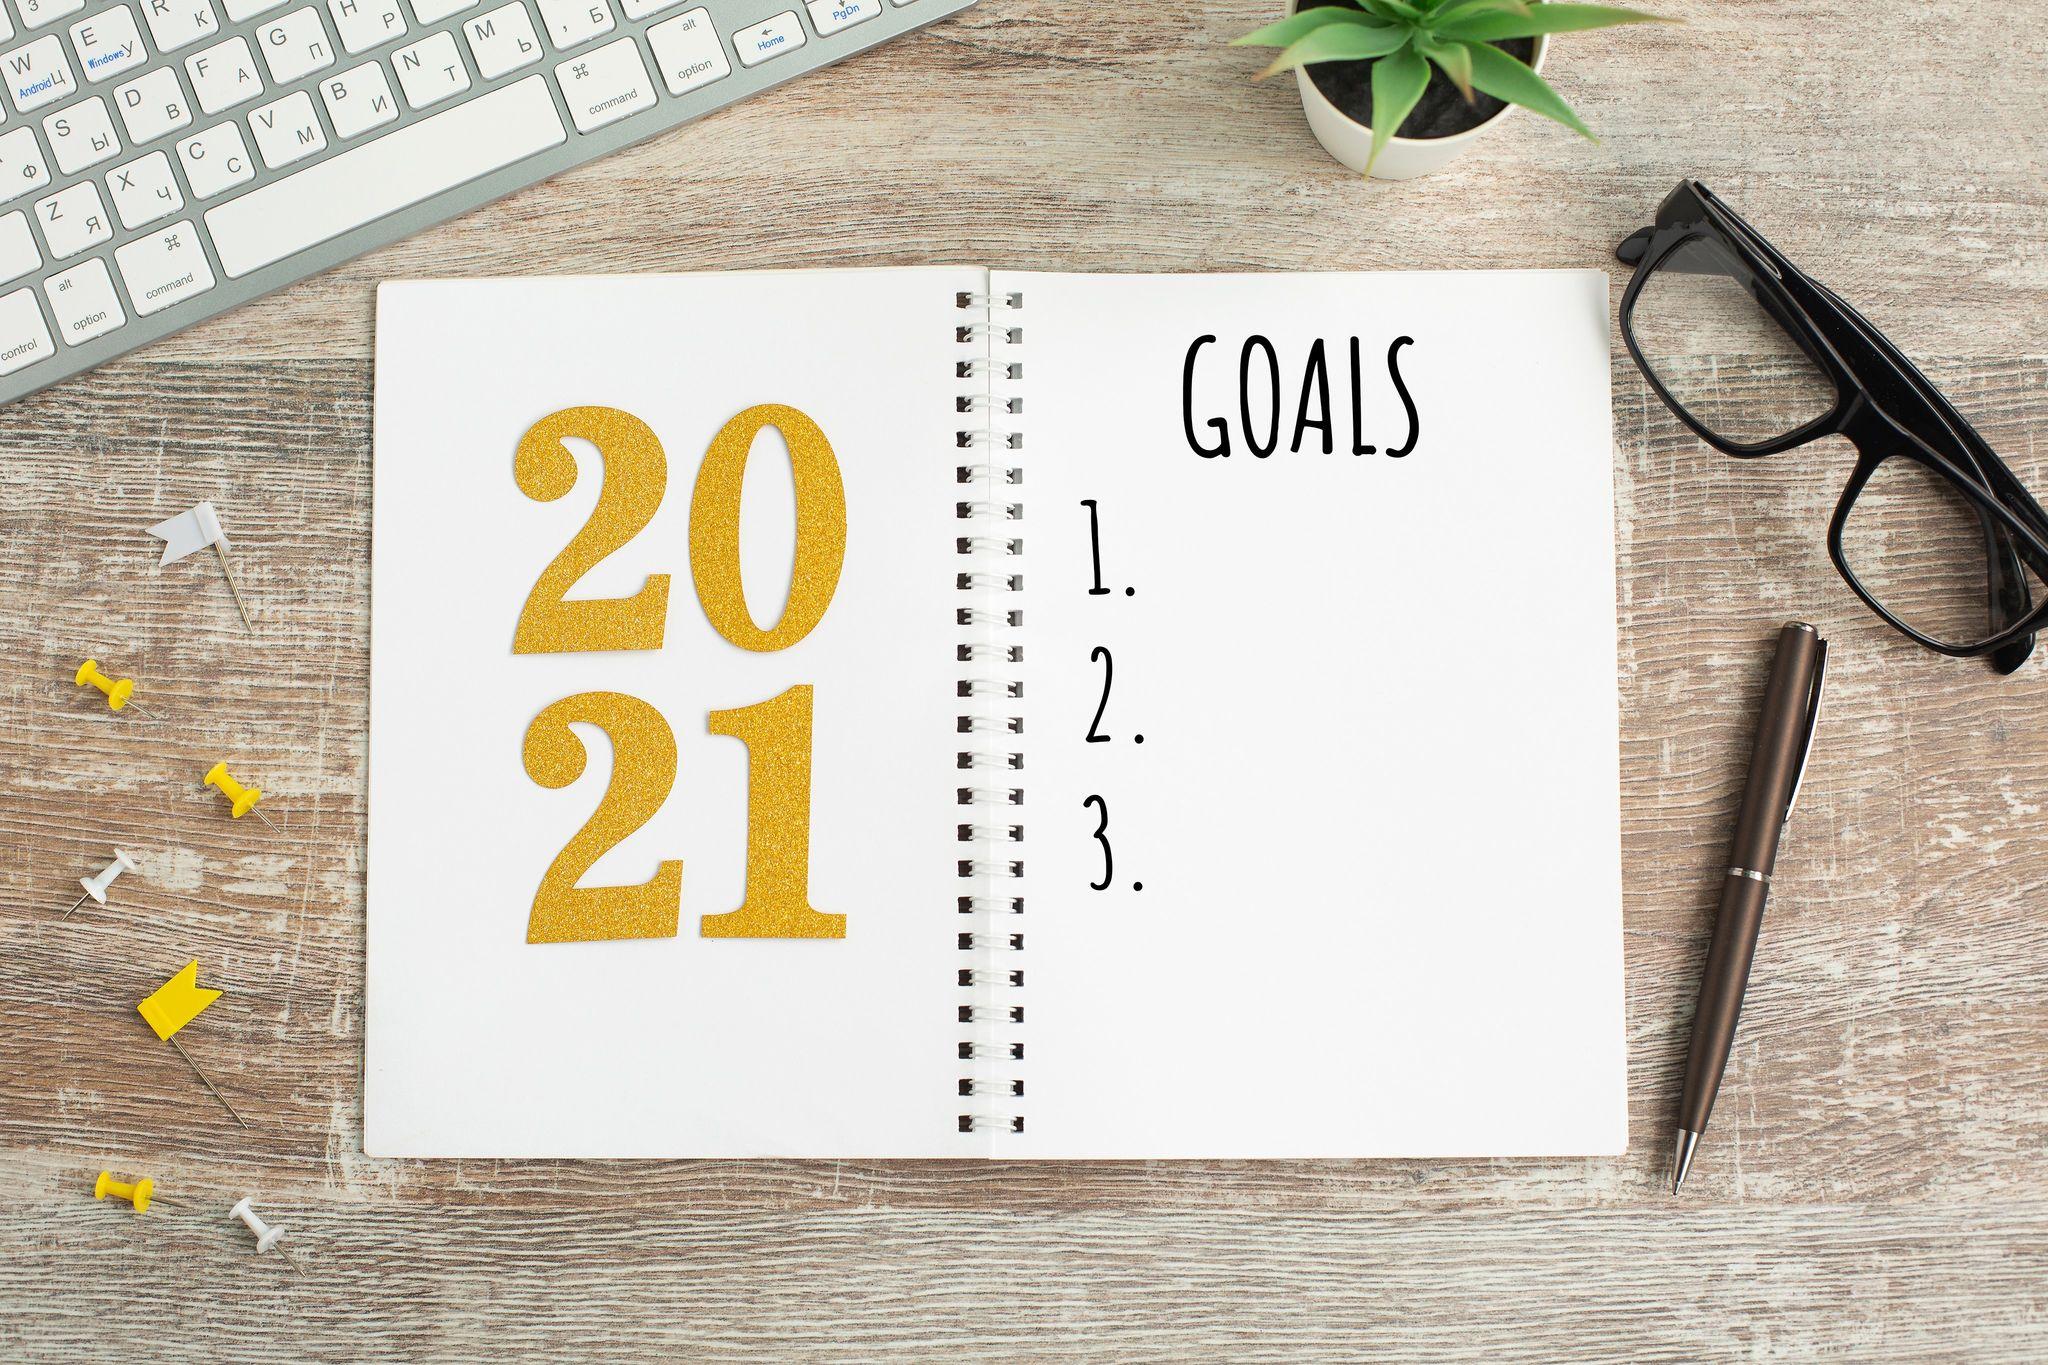 Így tűzz ki célokat, hogy el is érd!